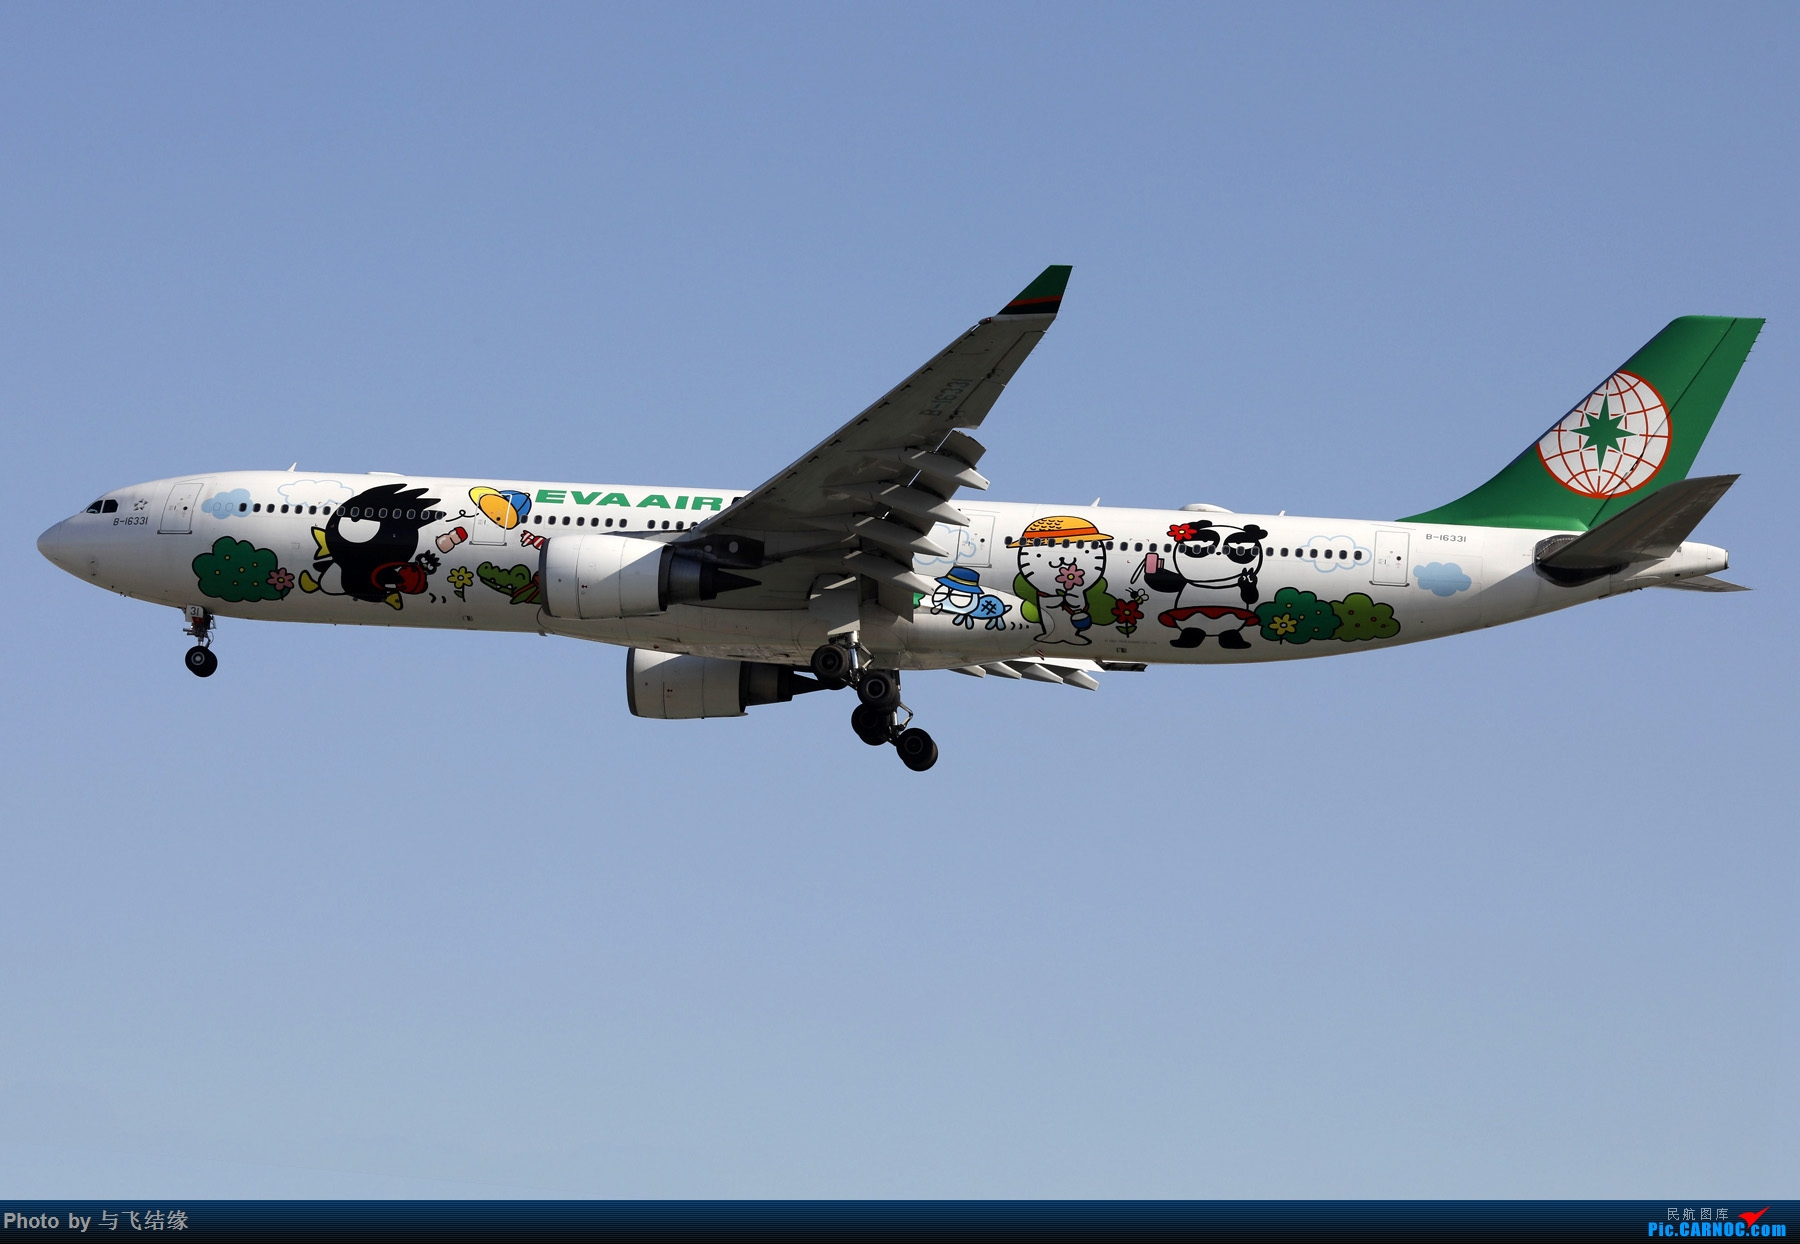 一张图:长荣航空Hell kitty彩绘莅临PEK. AIRBUS A330-300 B-16331 中国北京首都国际机场